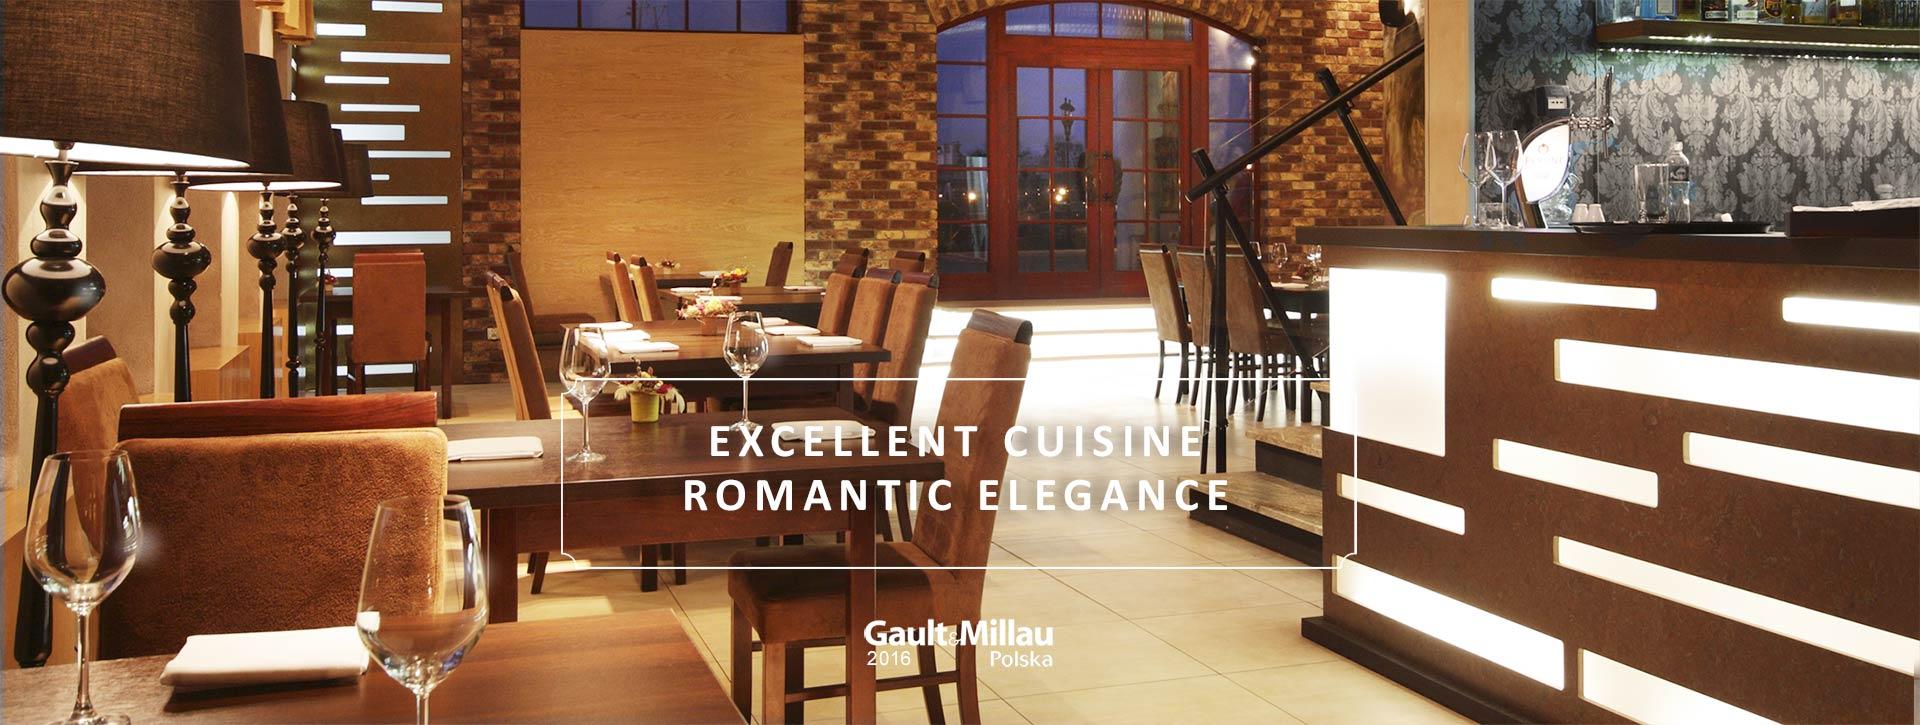 excellent-cuisine-romantic-elegance-2